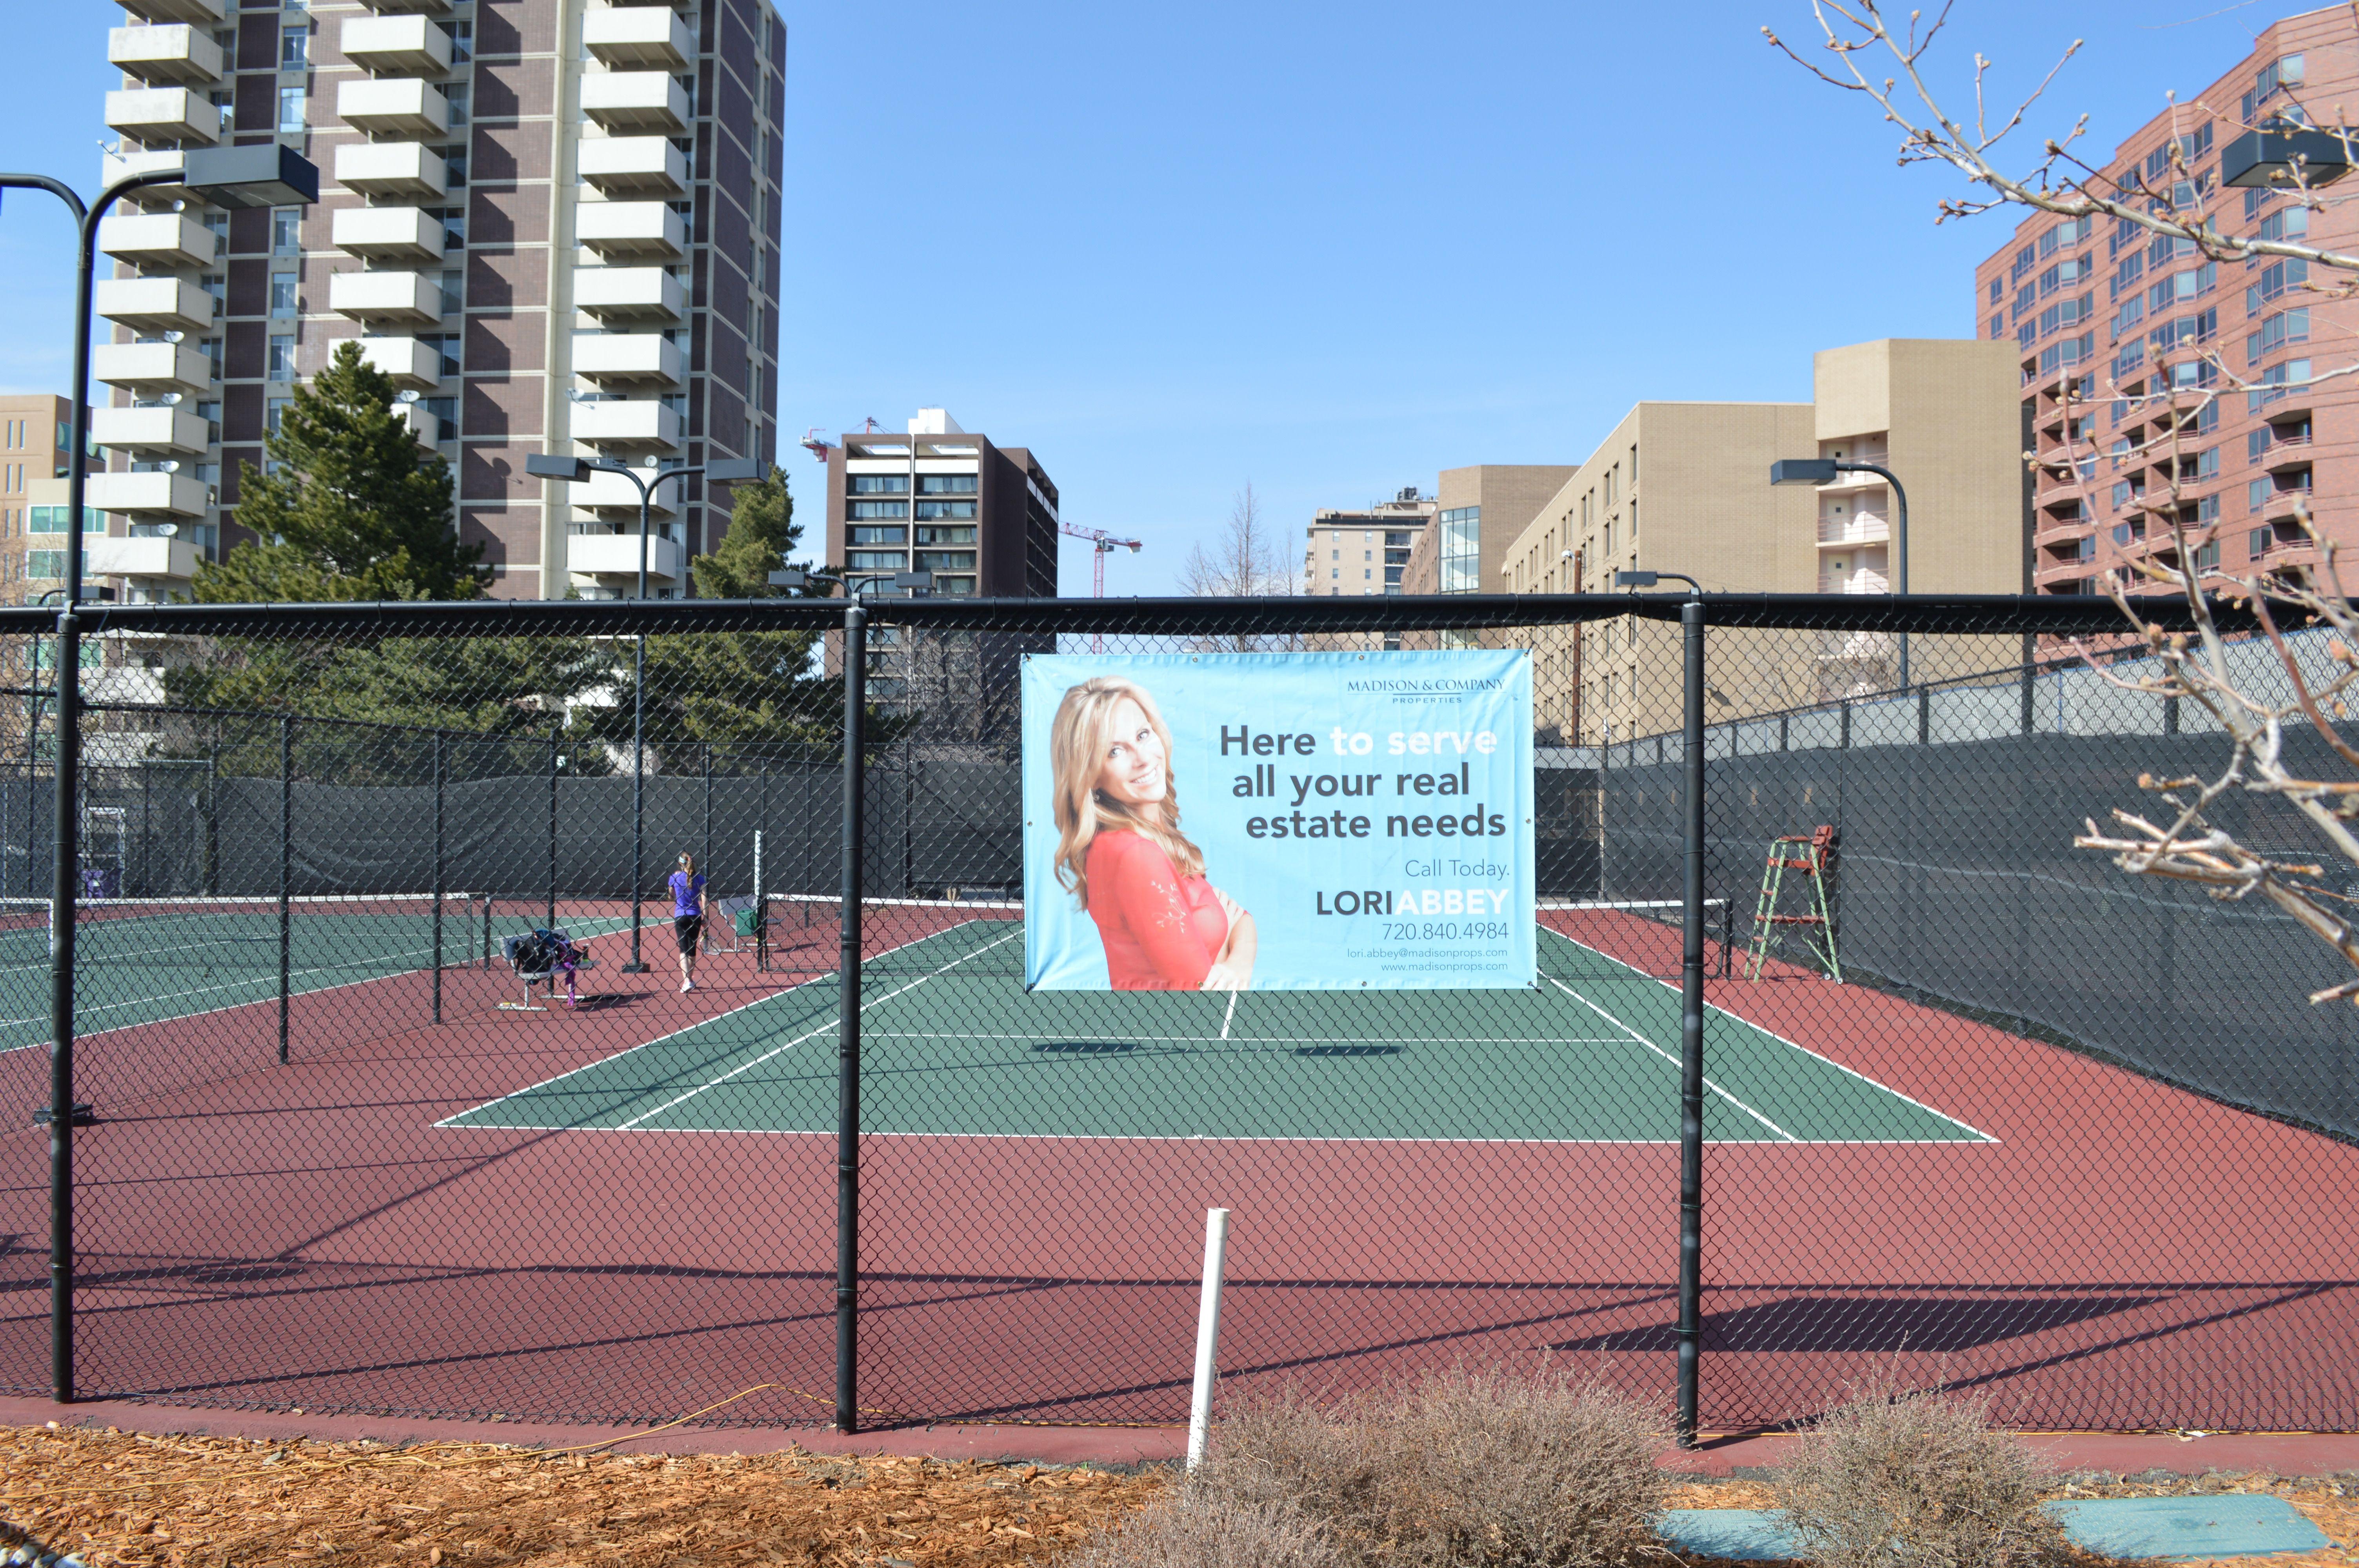 Gates tennis center denver colorado tennis court